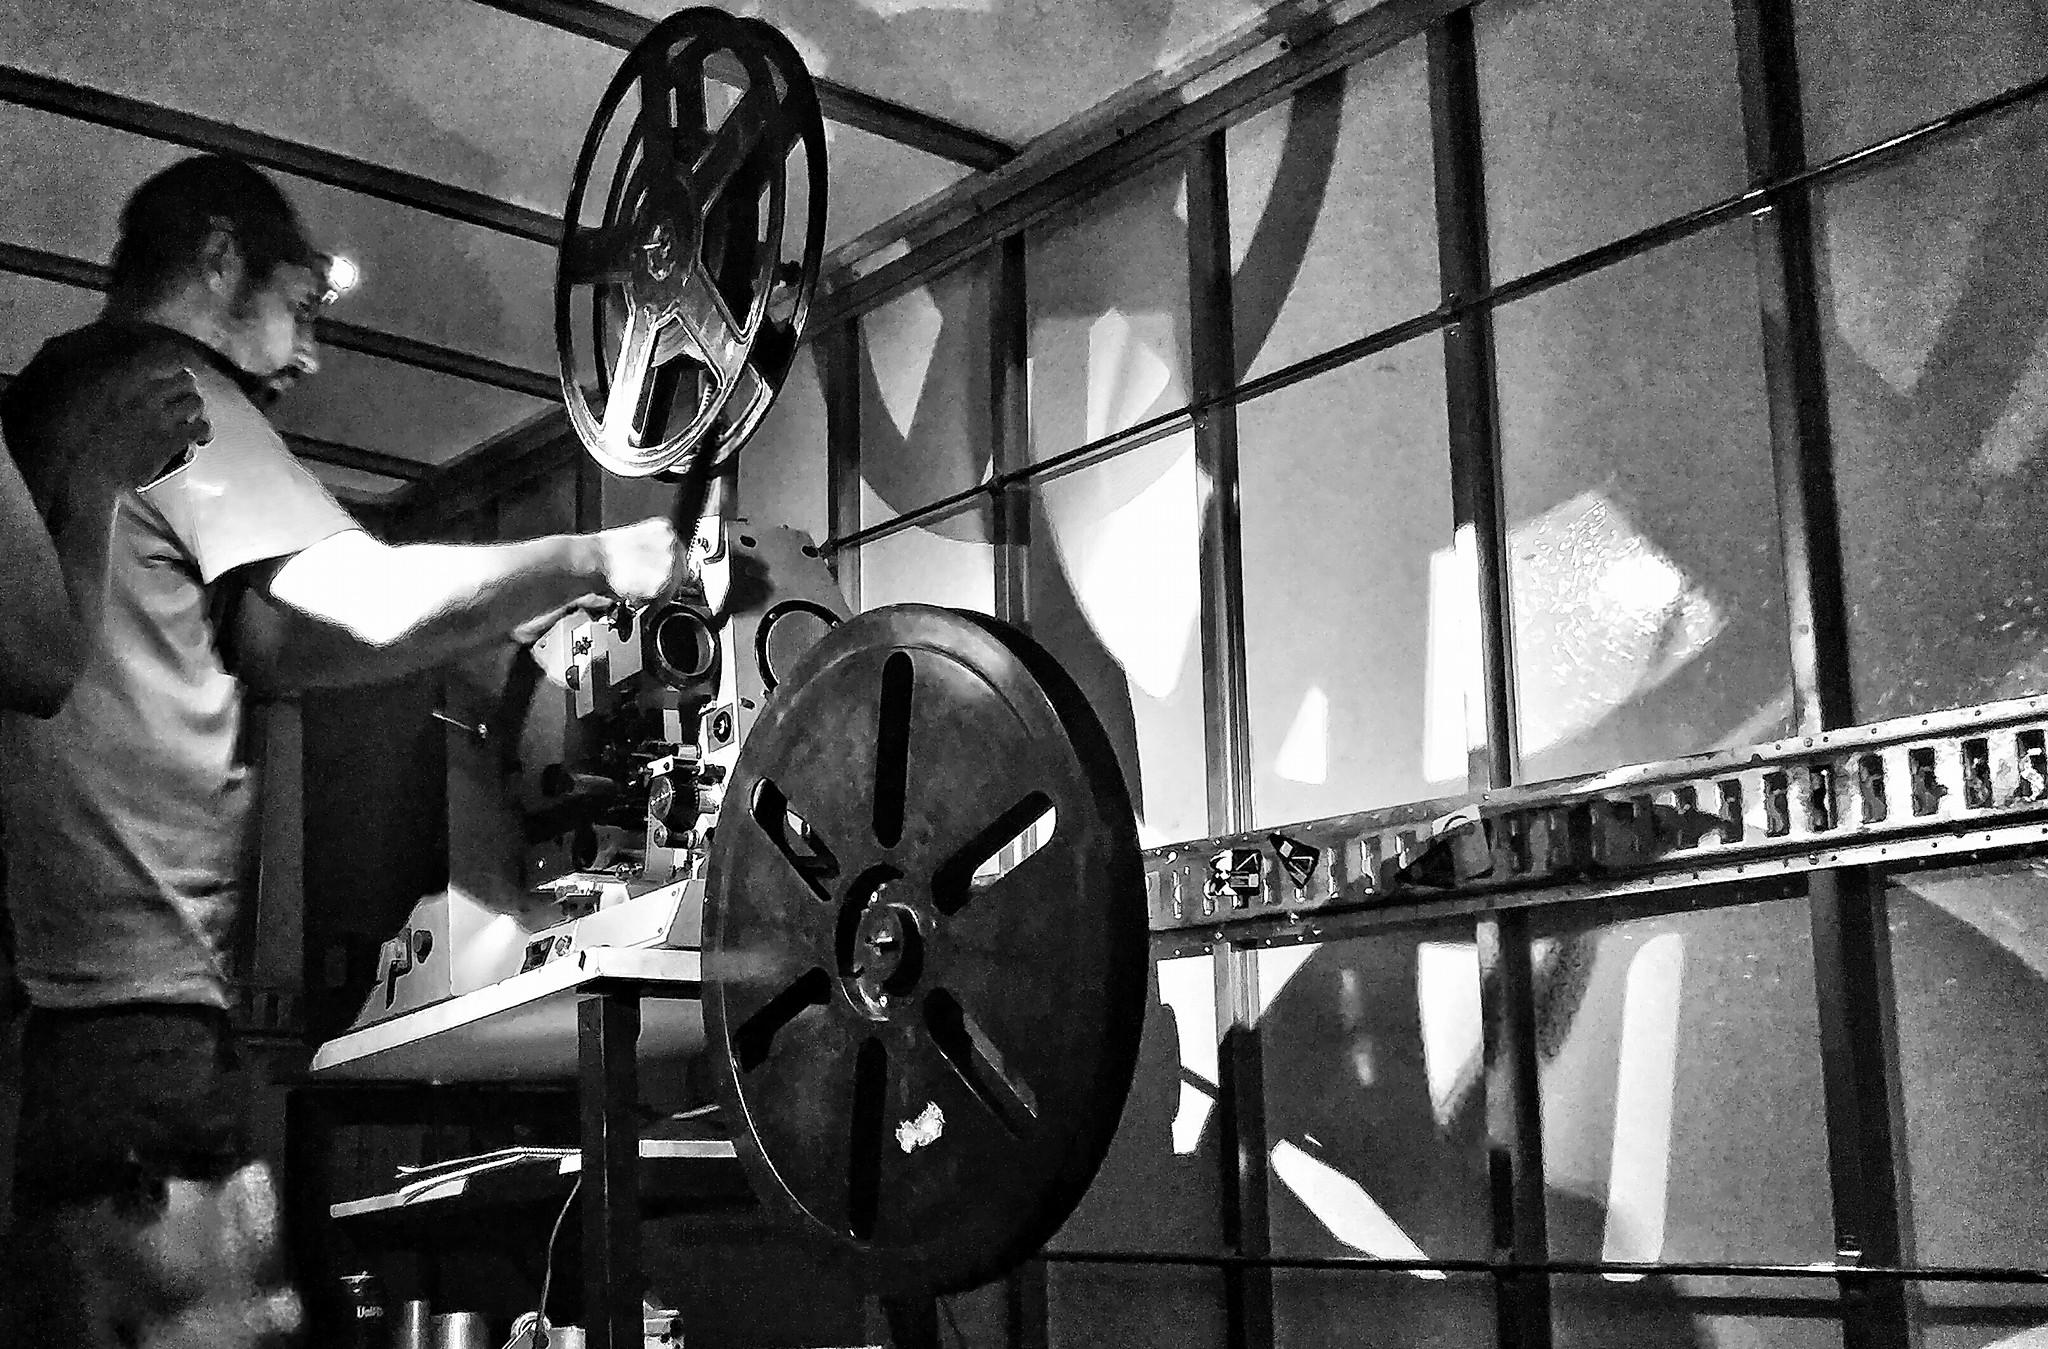 Presentamos la lista de las películas más influyentes de todos los tiempos según la ciencia | EL FRENTE